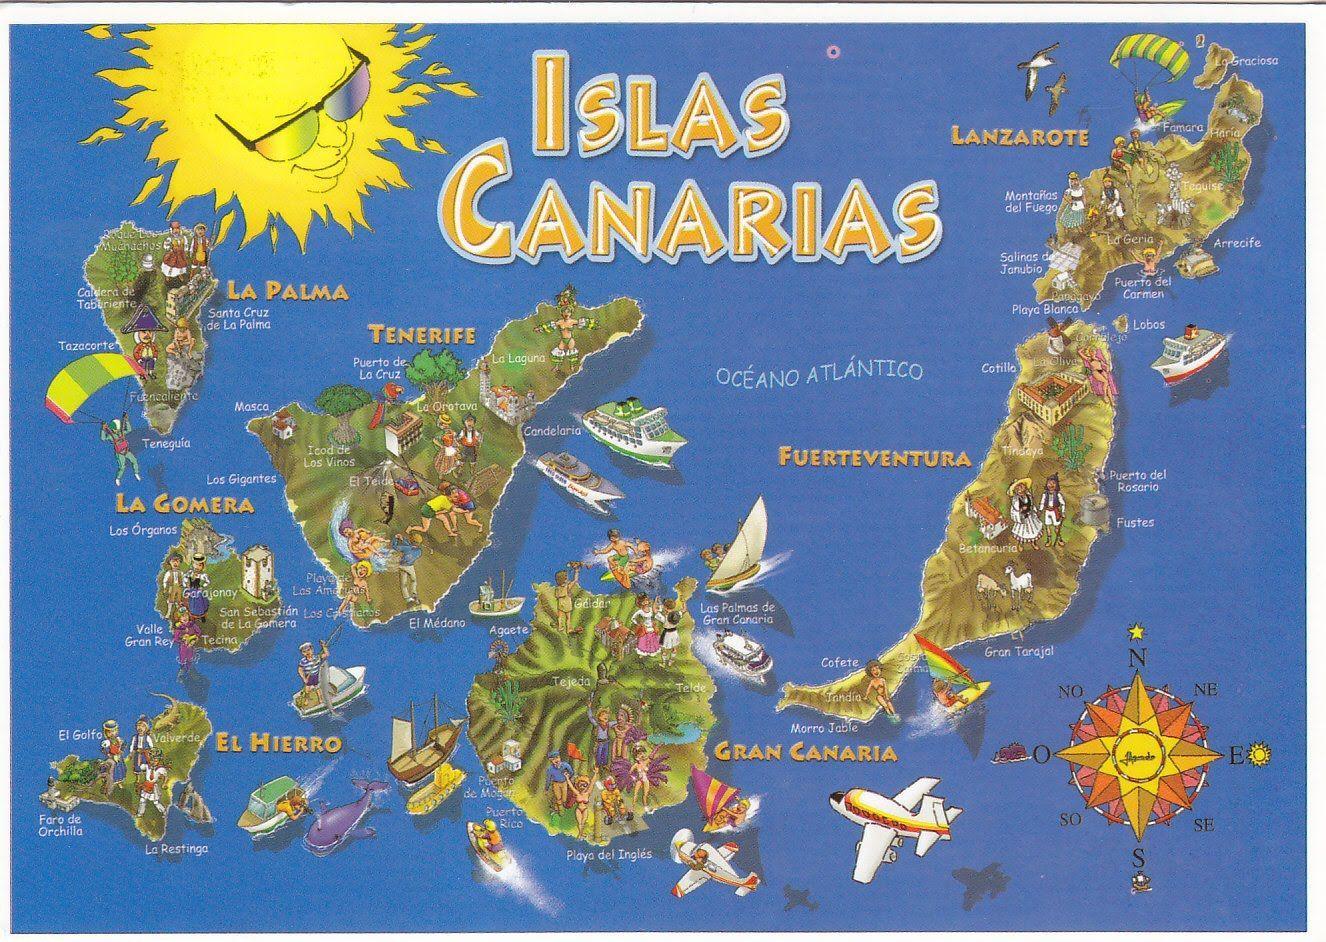 5963 - ¿Cuánto sabes de las Islas Canarias?